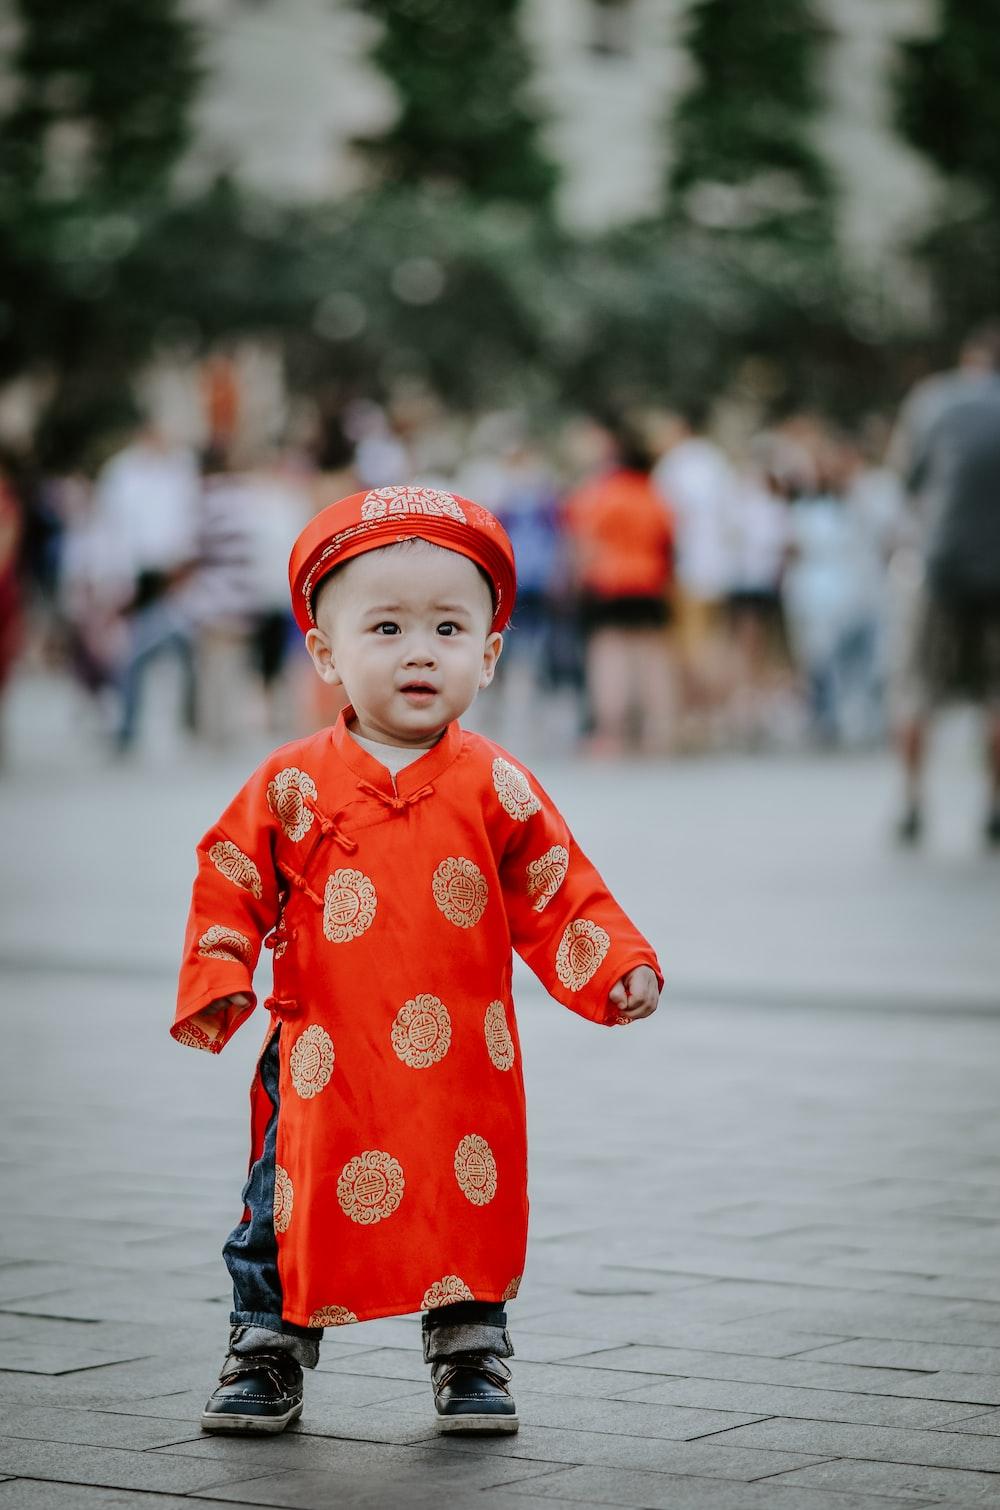 baby's orange dress